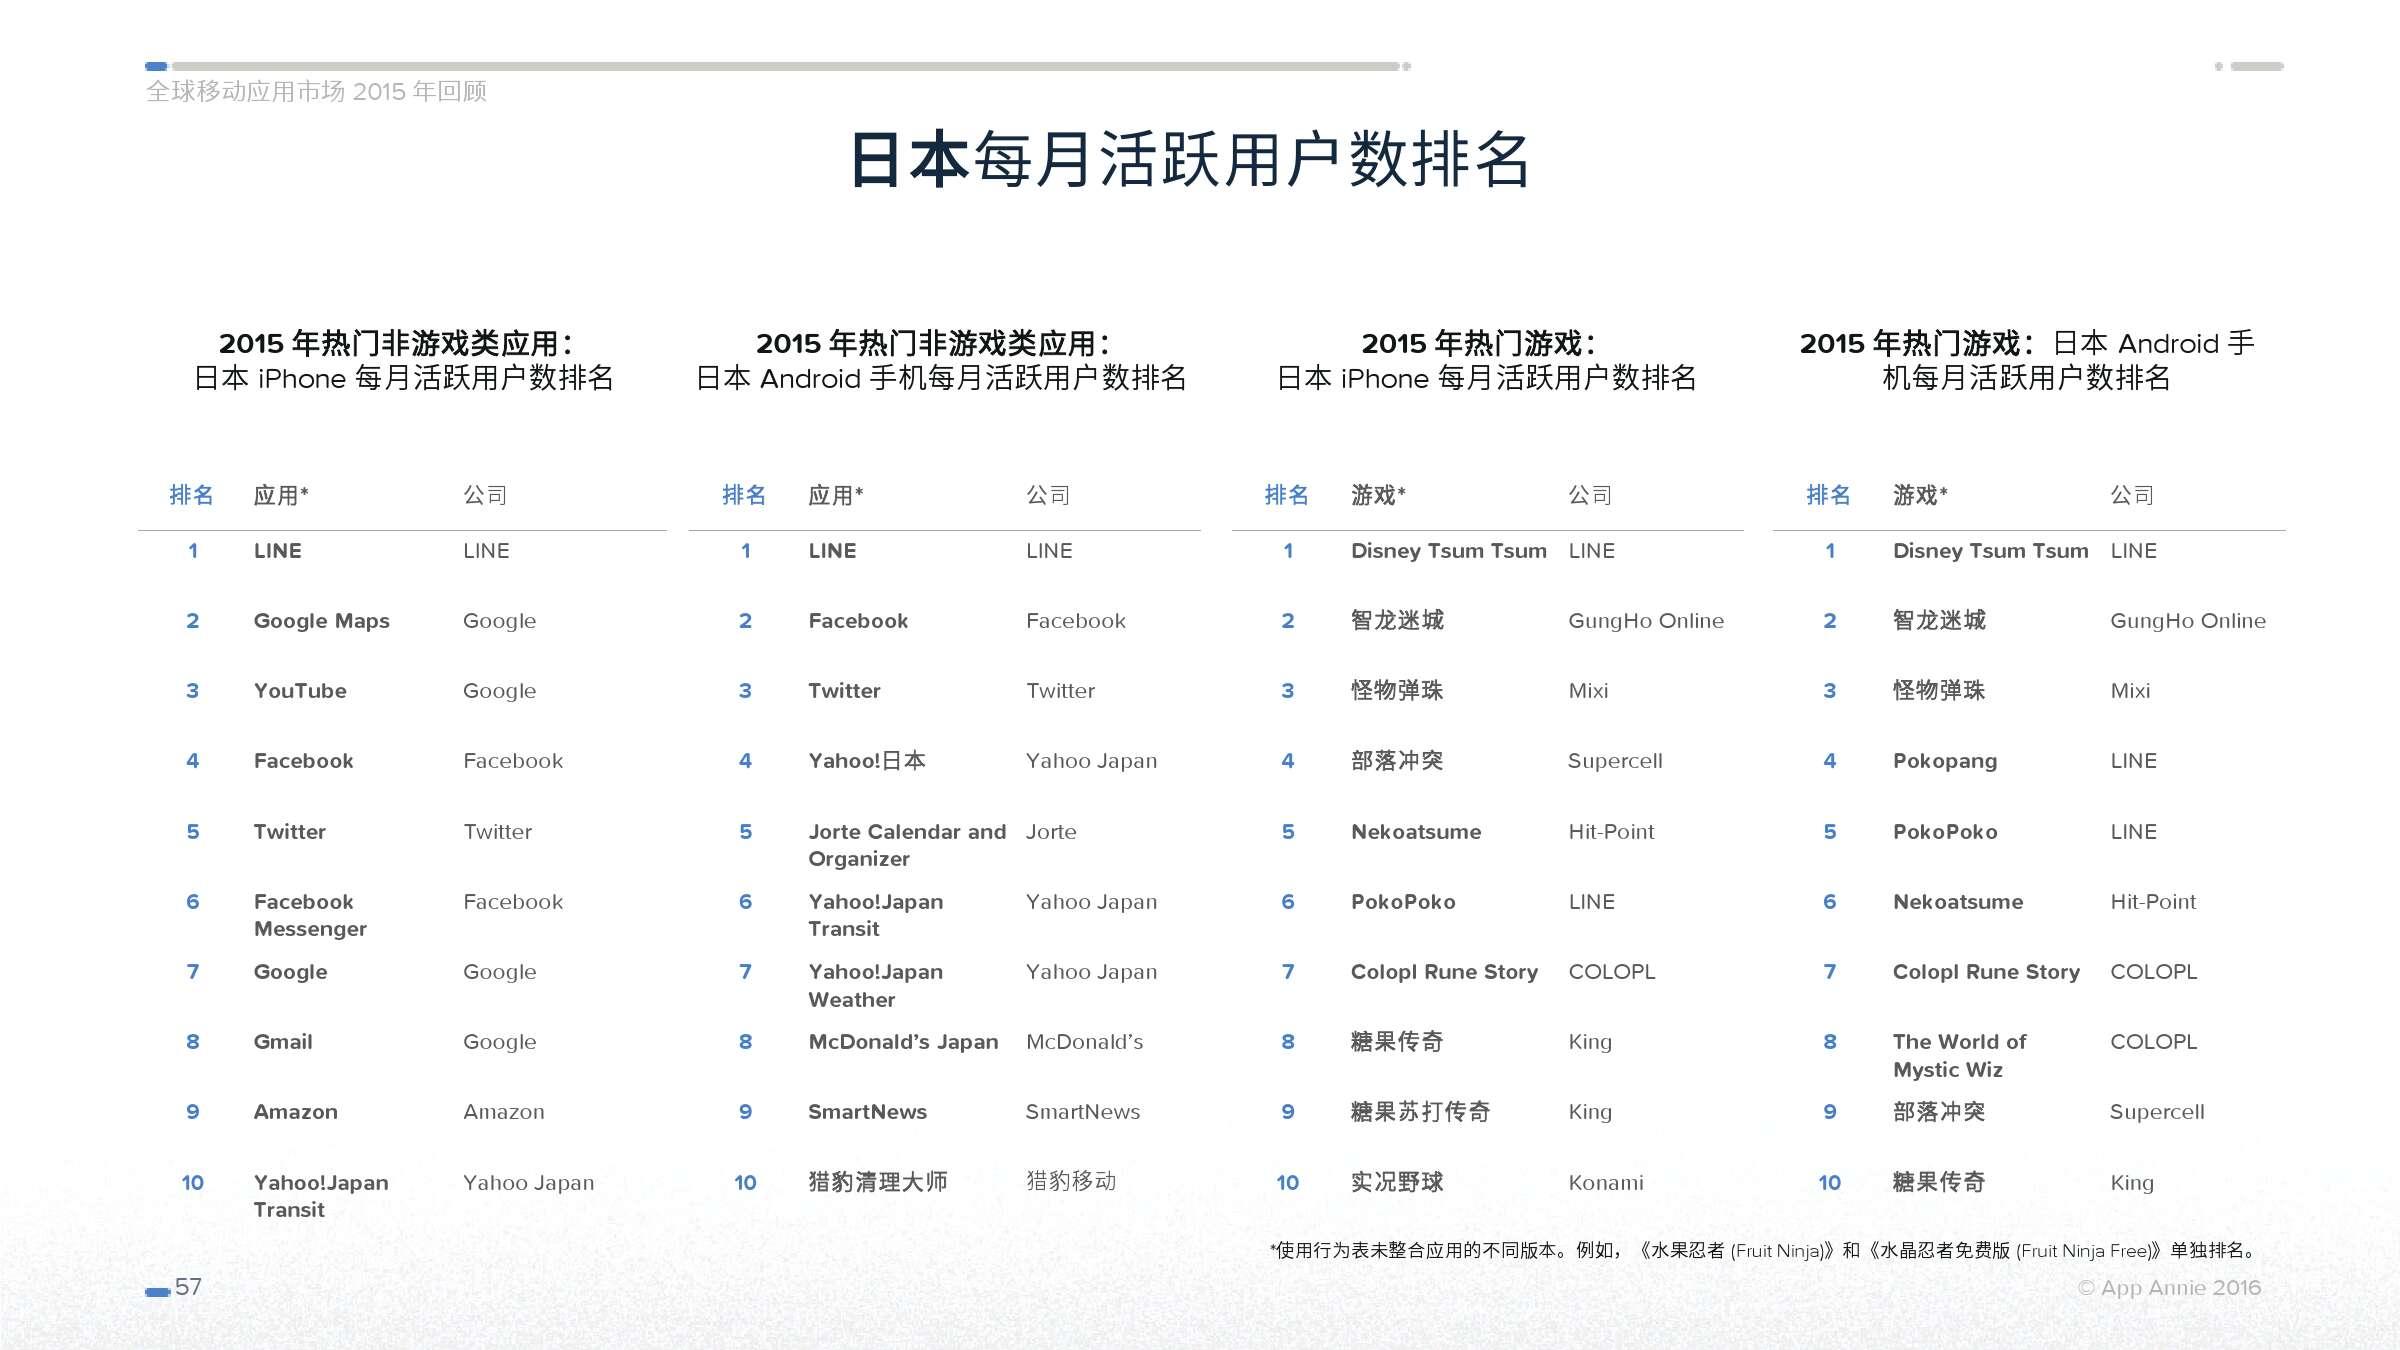 App Annie 全球移动应用市场 2015 年回顾_000057